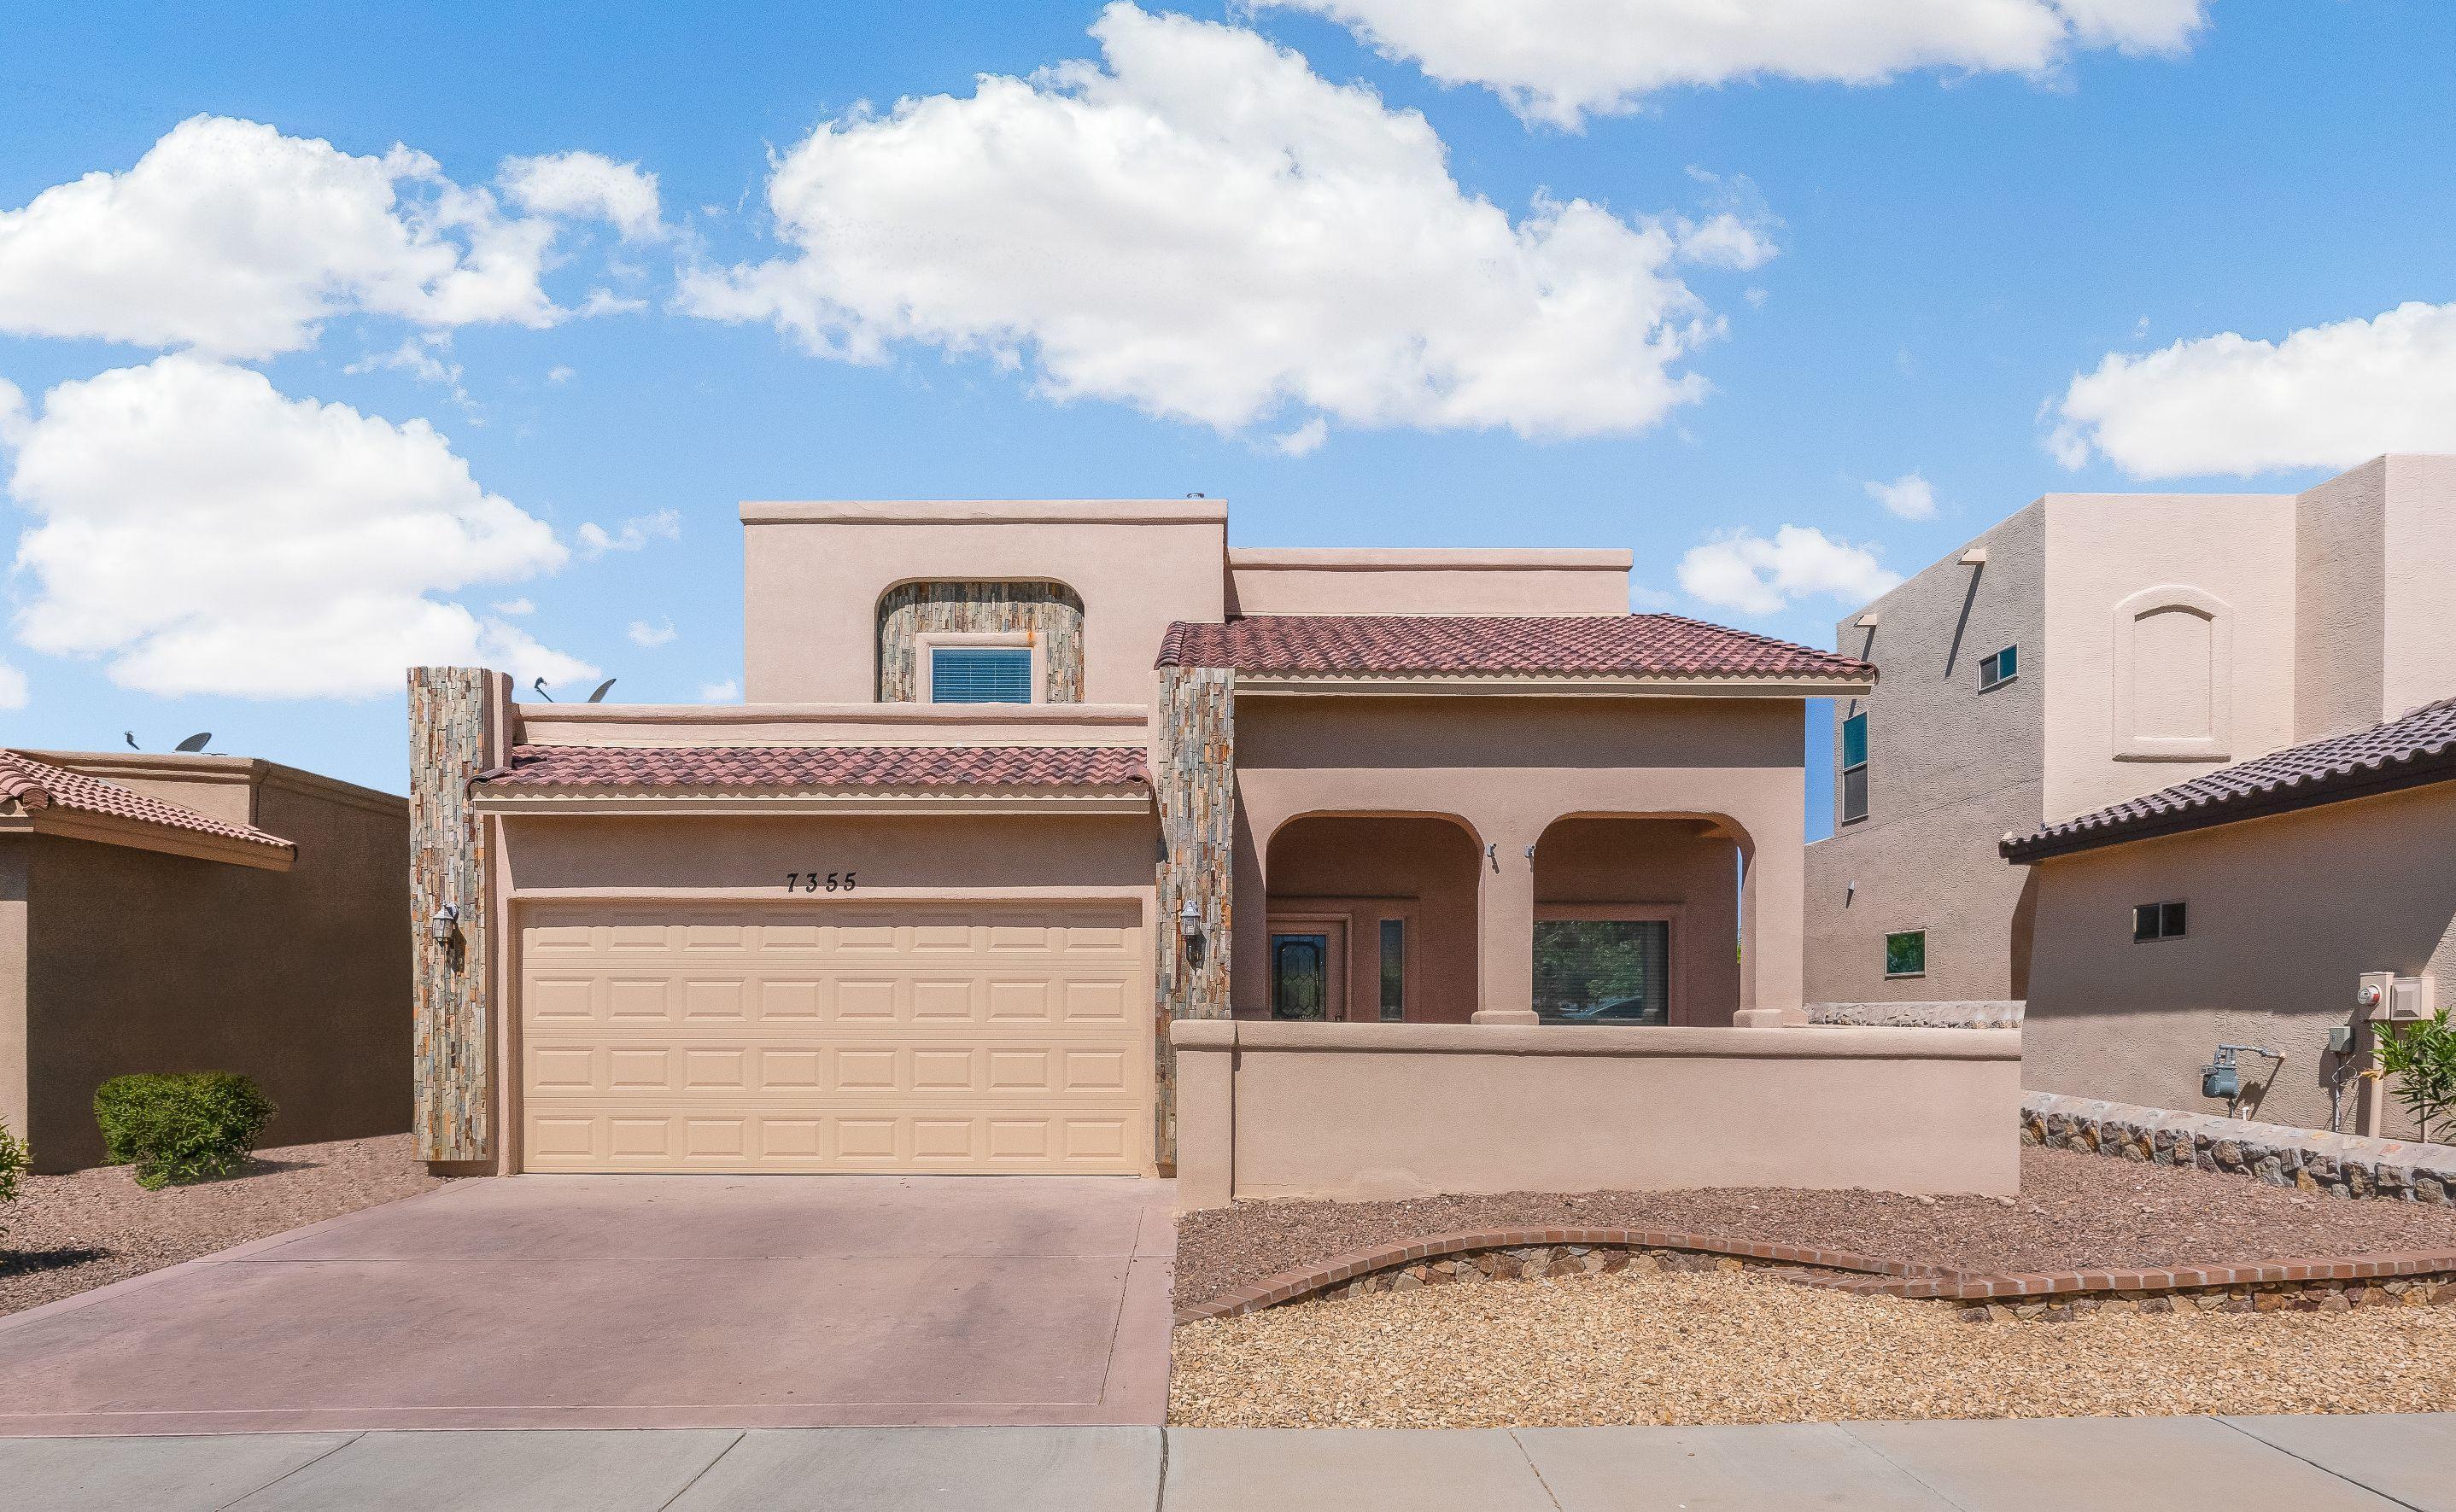 7355 Via Canutillo, El Paso, Texas 79911, 4 Bedrooms Bedrooms, ,3 BathroomsBathrooms,Residential,For sale,Via Canutillo,835160